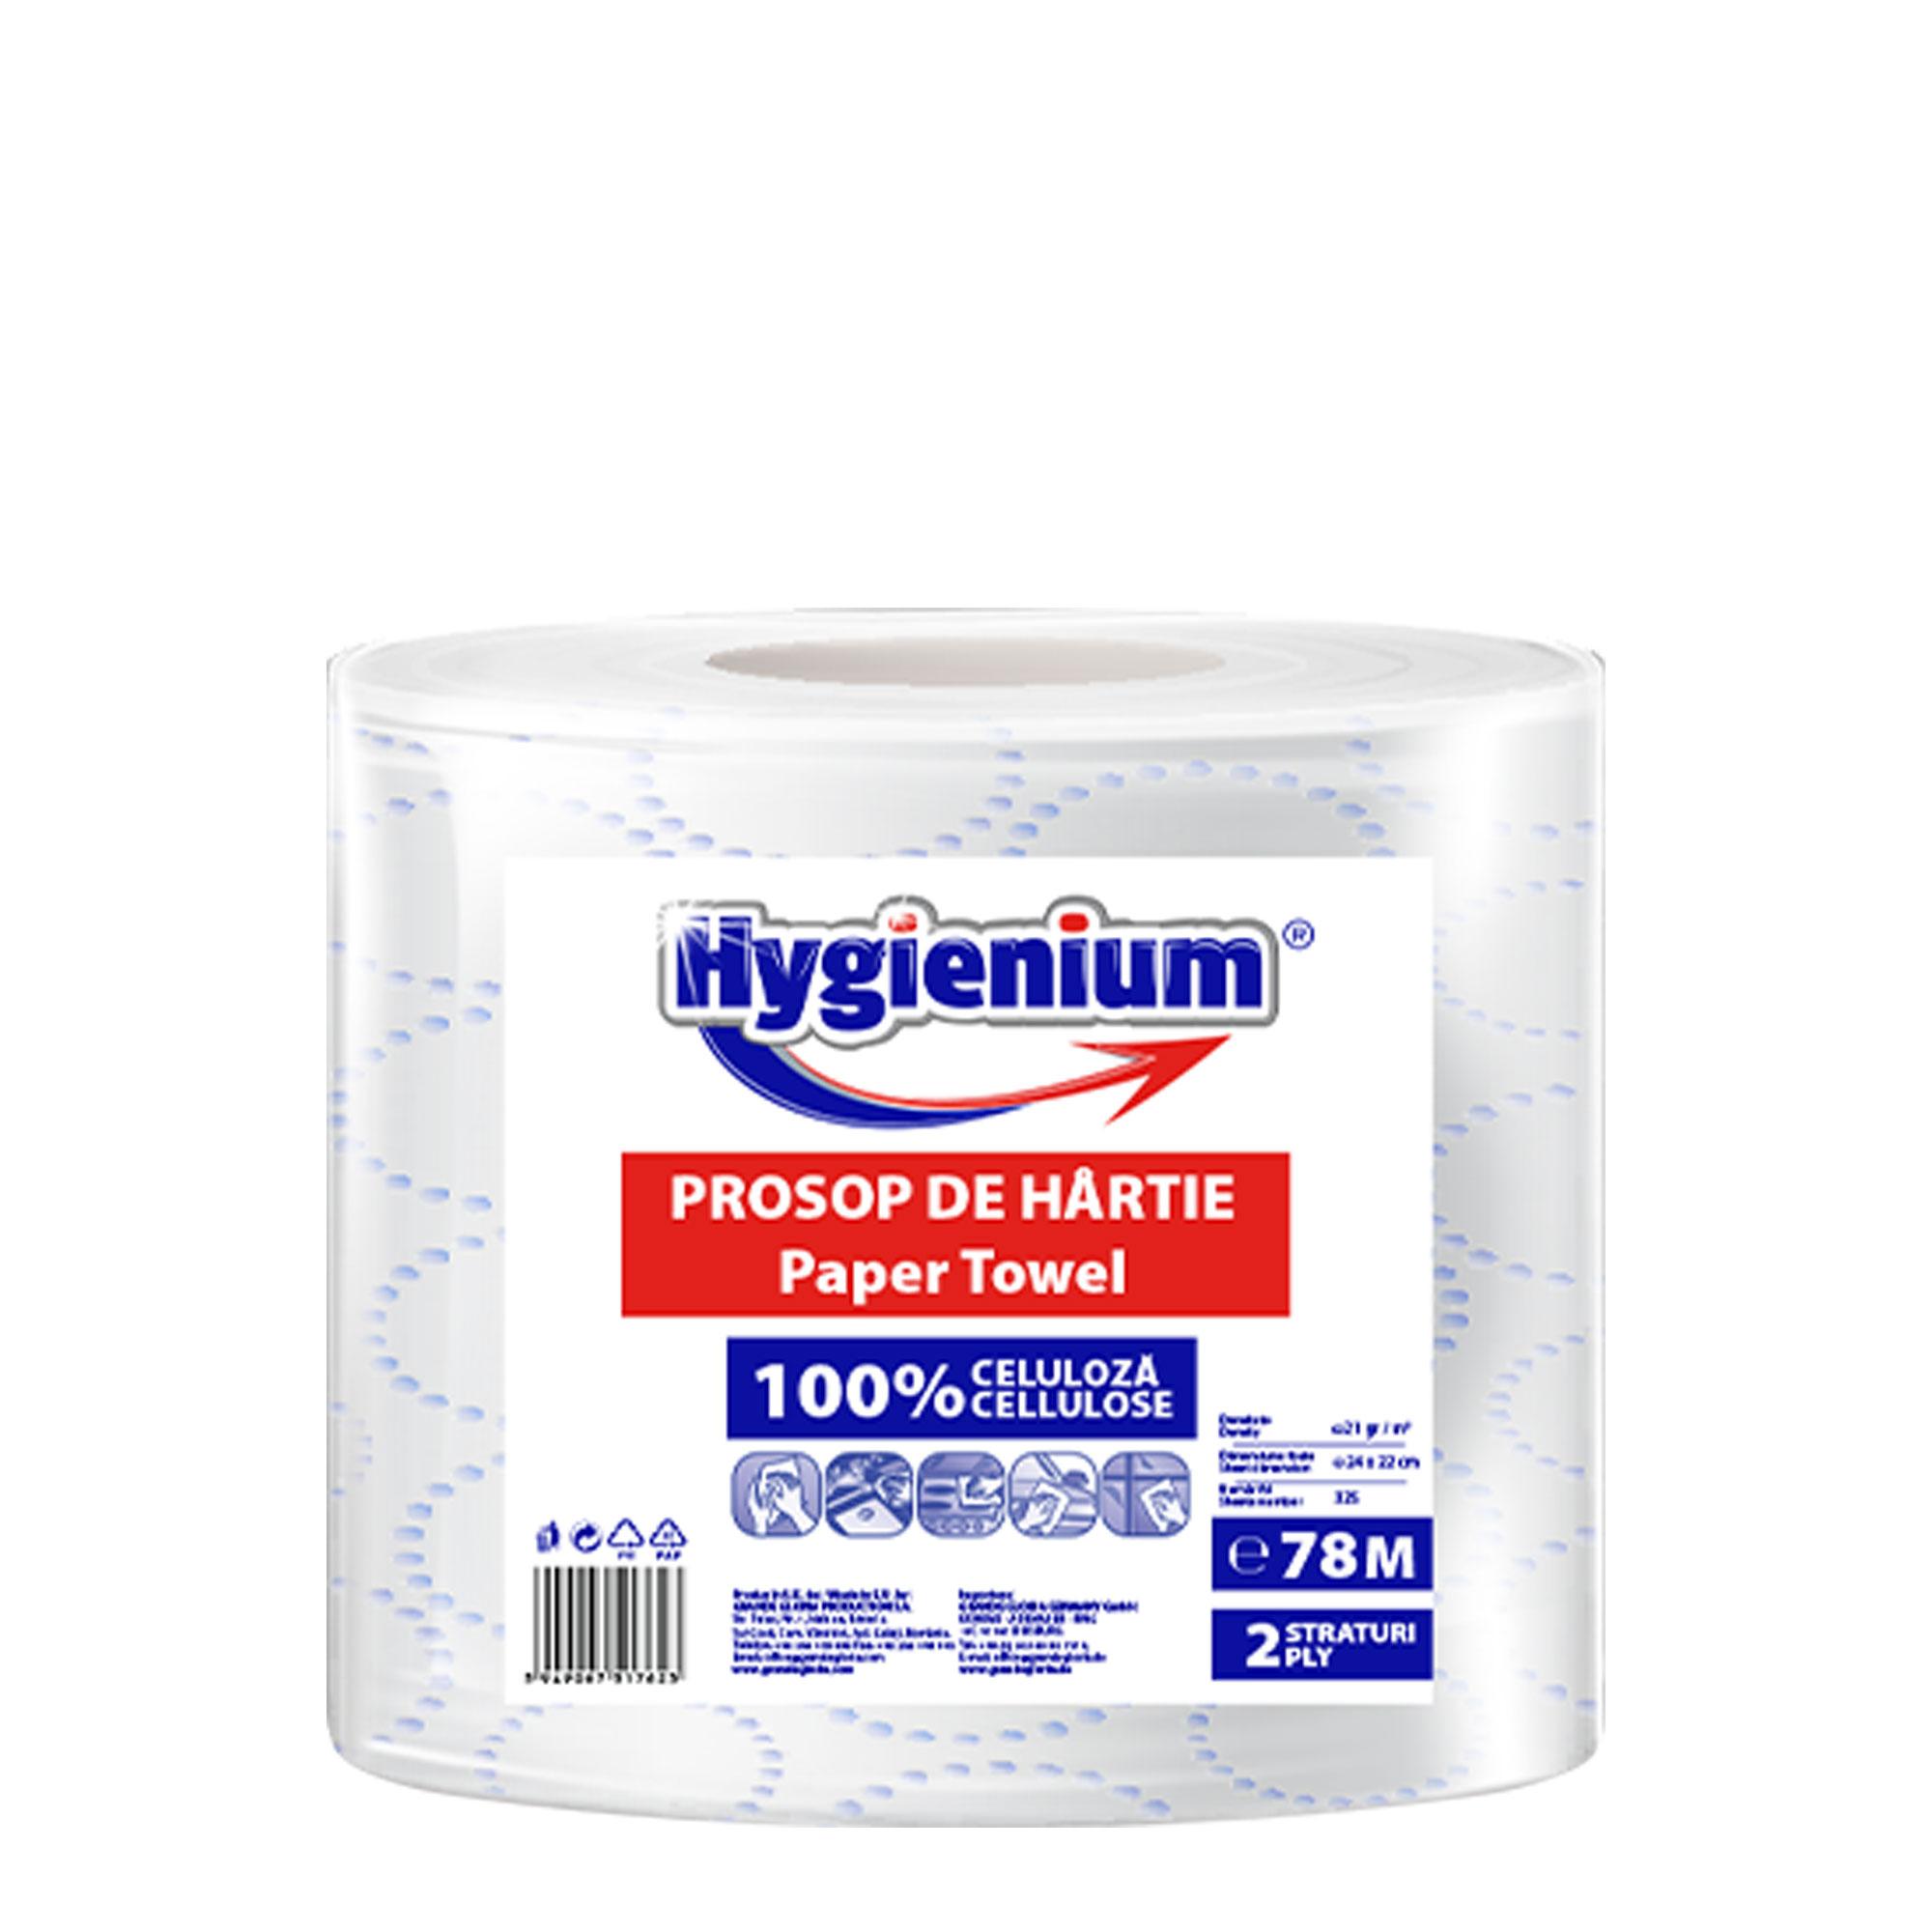 Hygienium Handtuchpapier 78 m